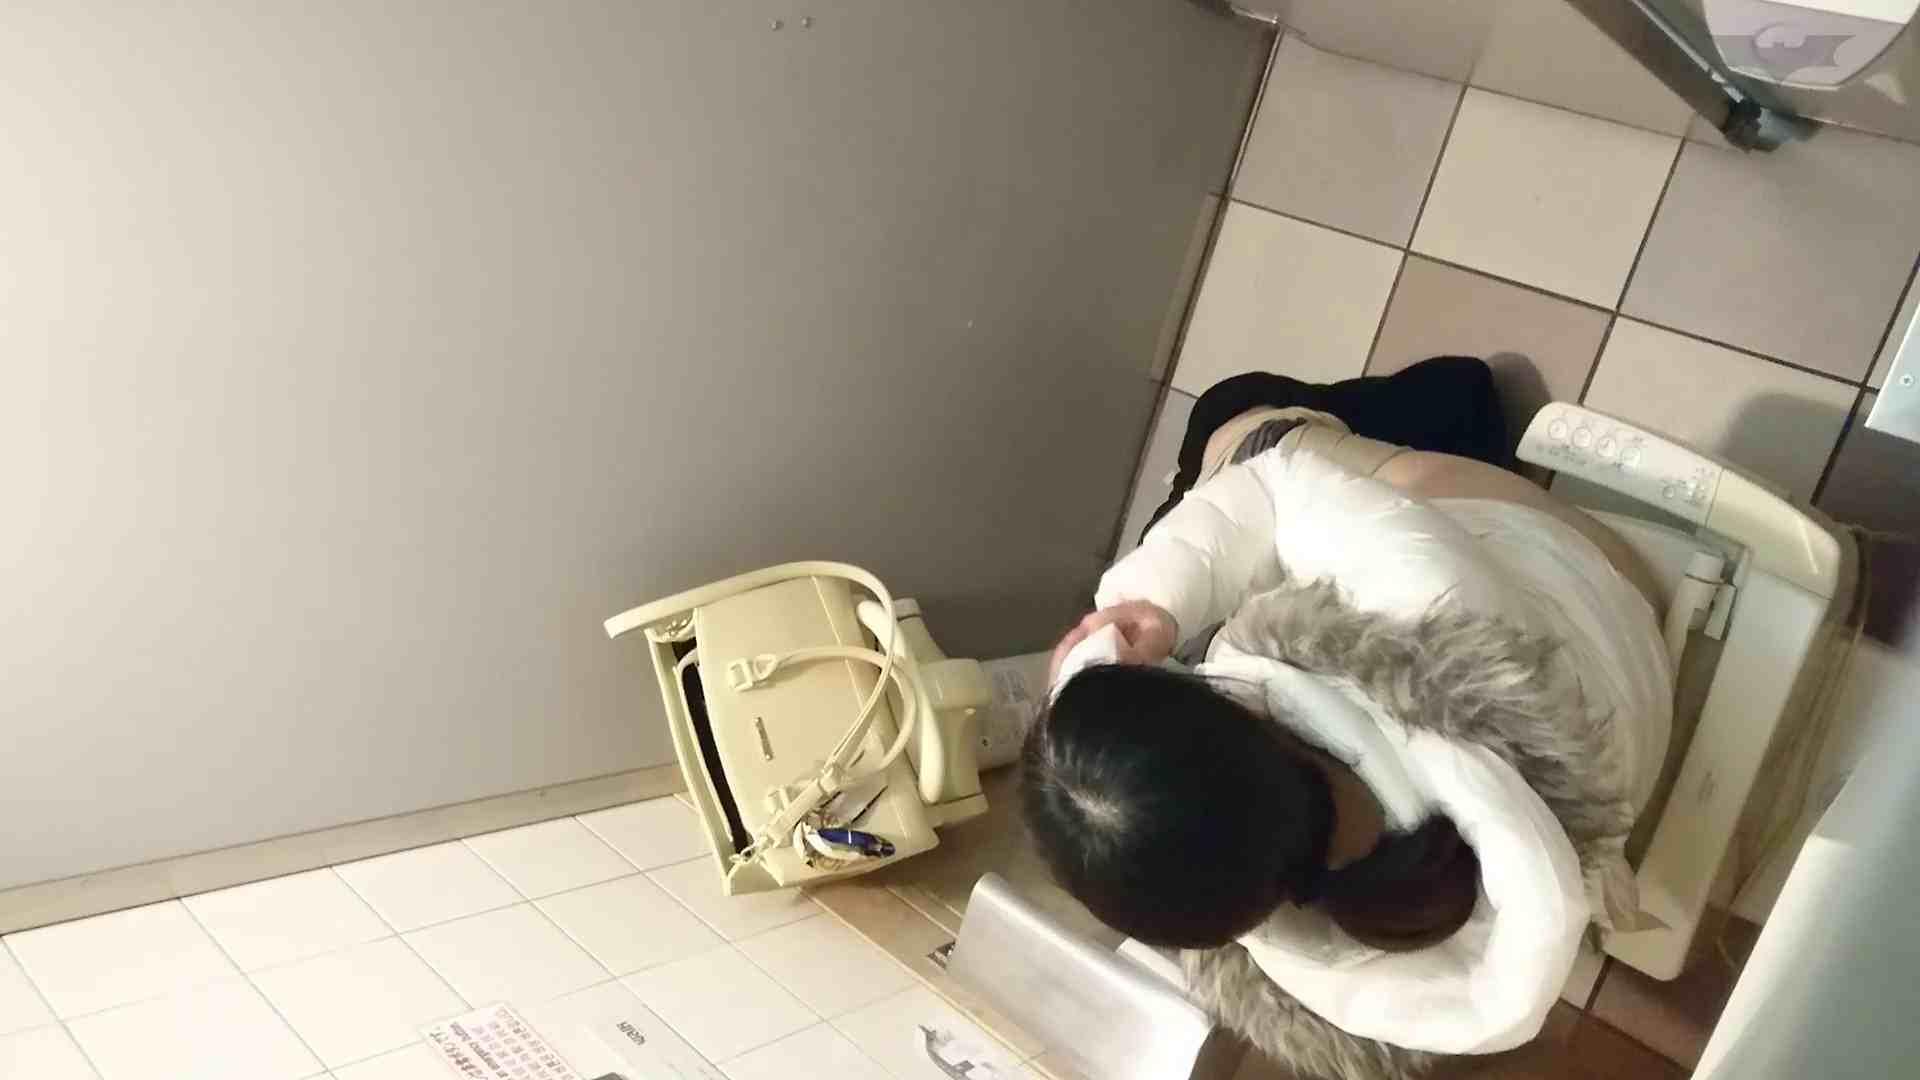 化粧室絵巻 ショッピングモール編 VOL.05 丸見え オマンコ無修正動画無料 97画像 59